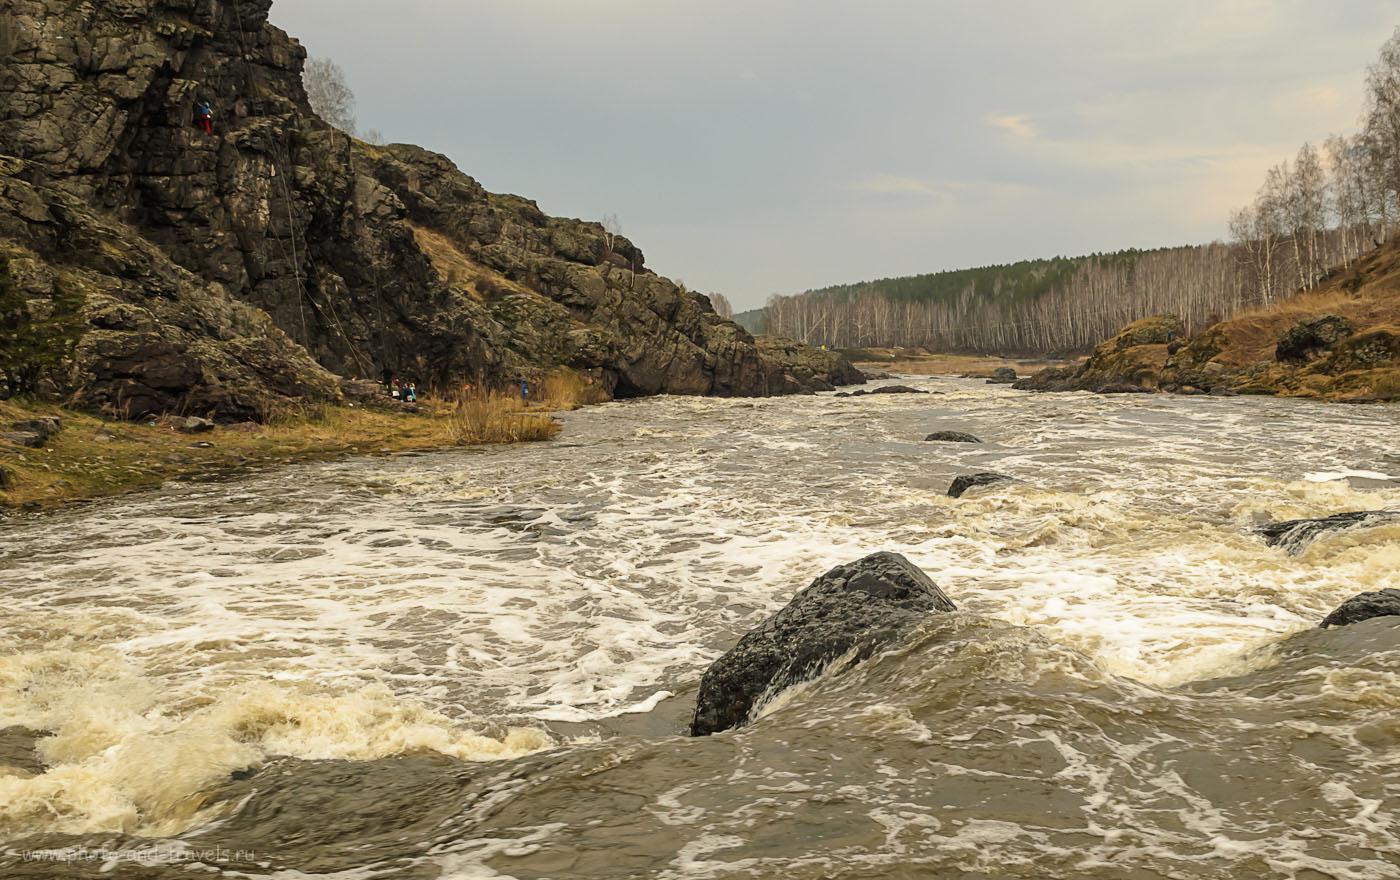 Фотография 23. Порог Ревун снизу, снято с прибрежного камня на реке Исеть